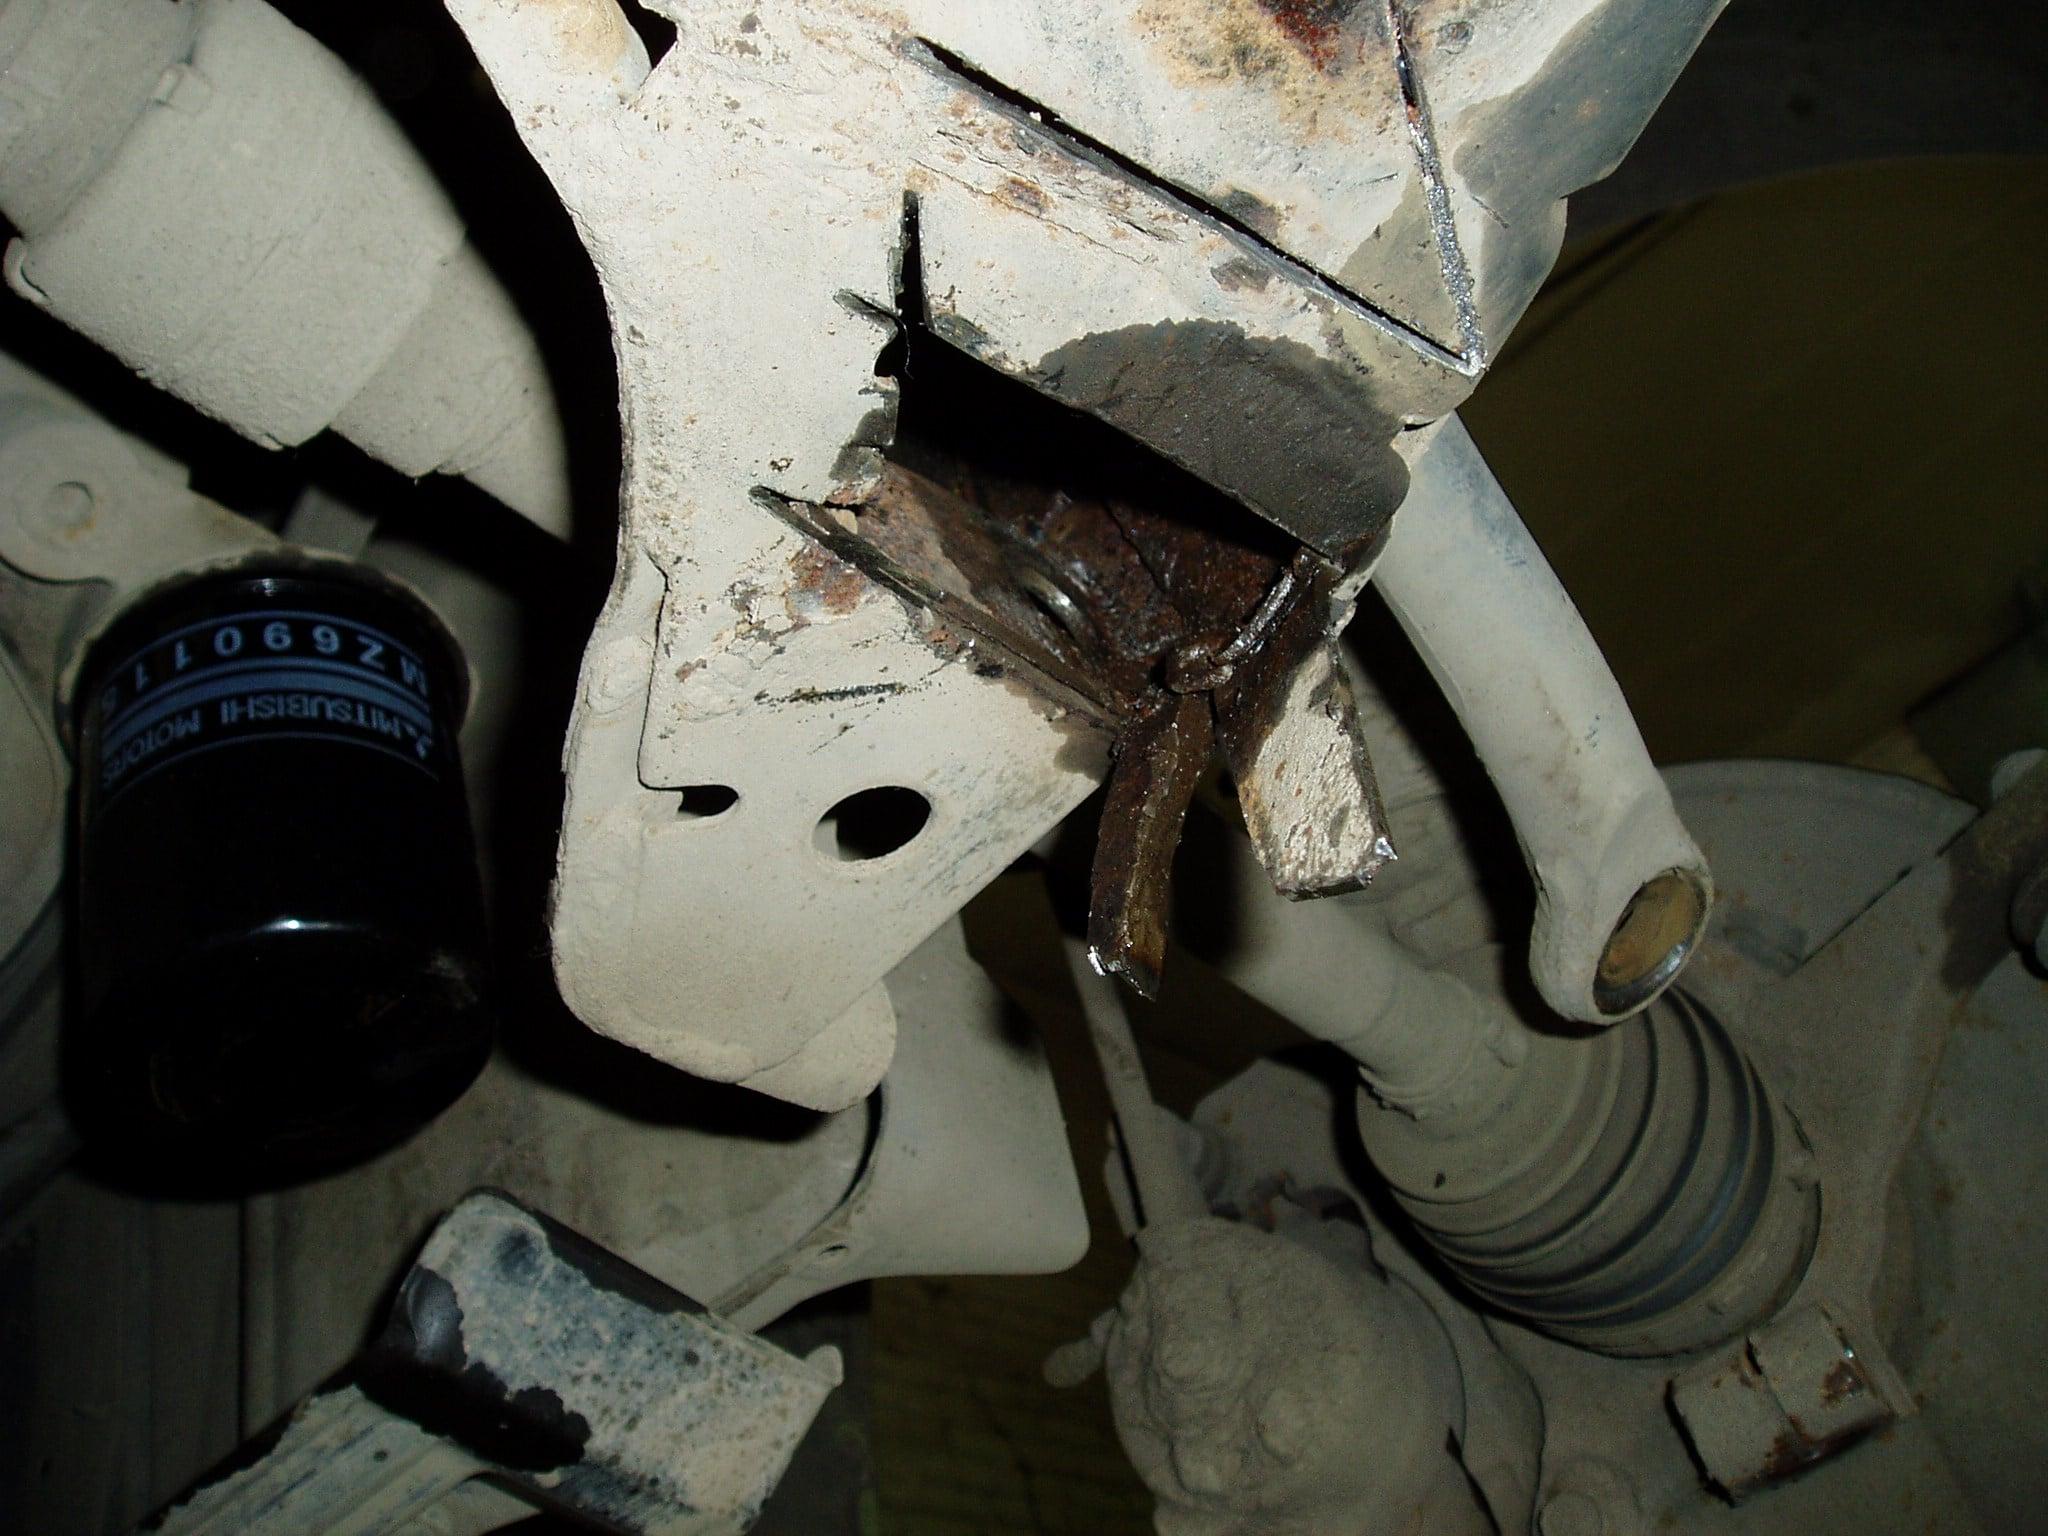 Провернуло закладную гайку крепления нижнего рычага, в переднем подрамнике  Lancer 9